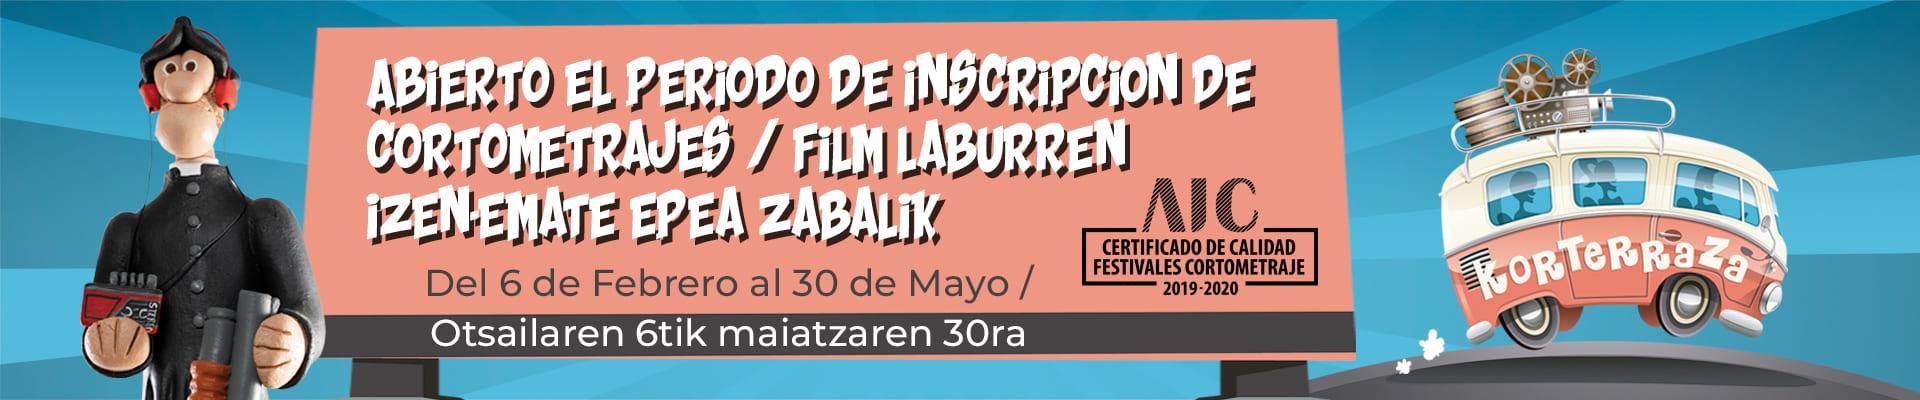 Nueva fecha para el cierre del periodo de inscripción de cortometrajes